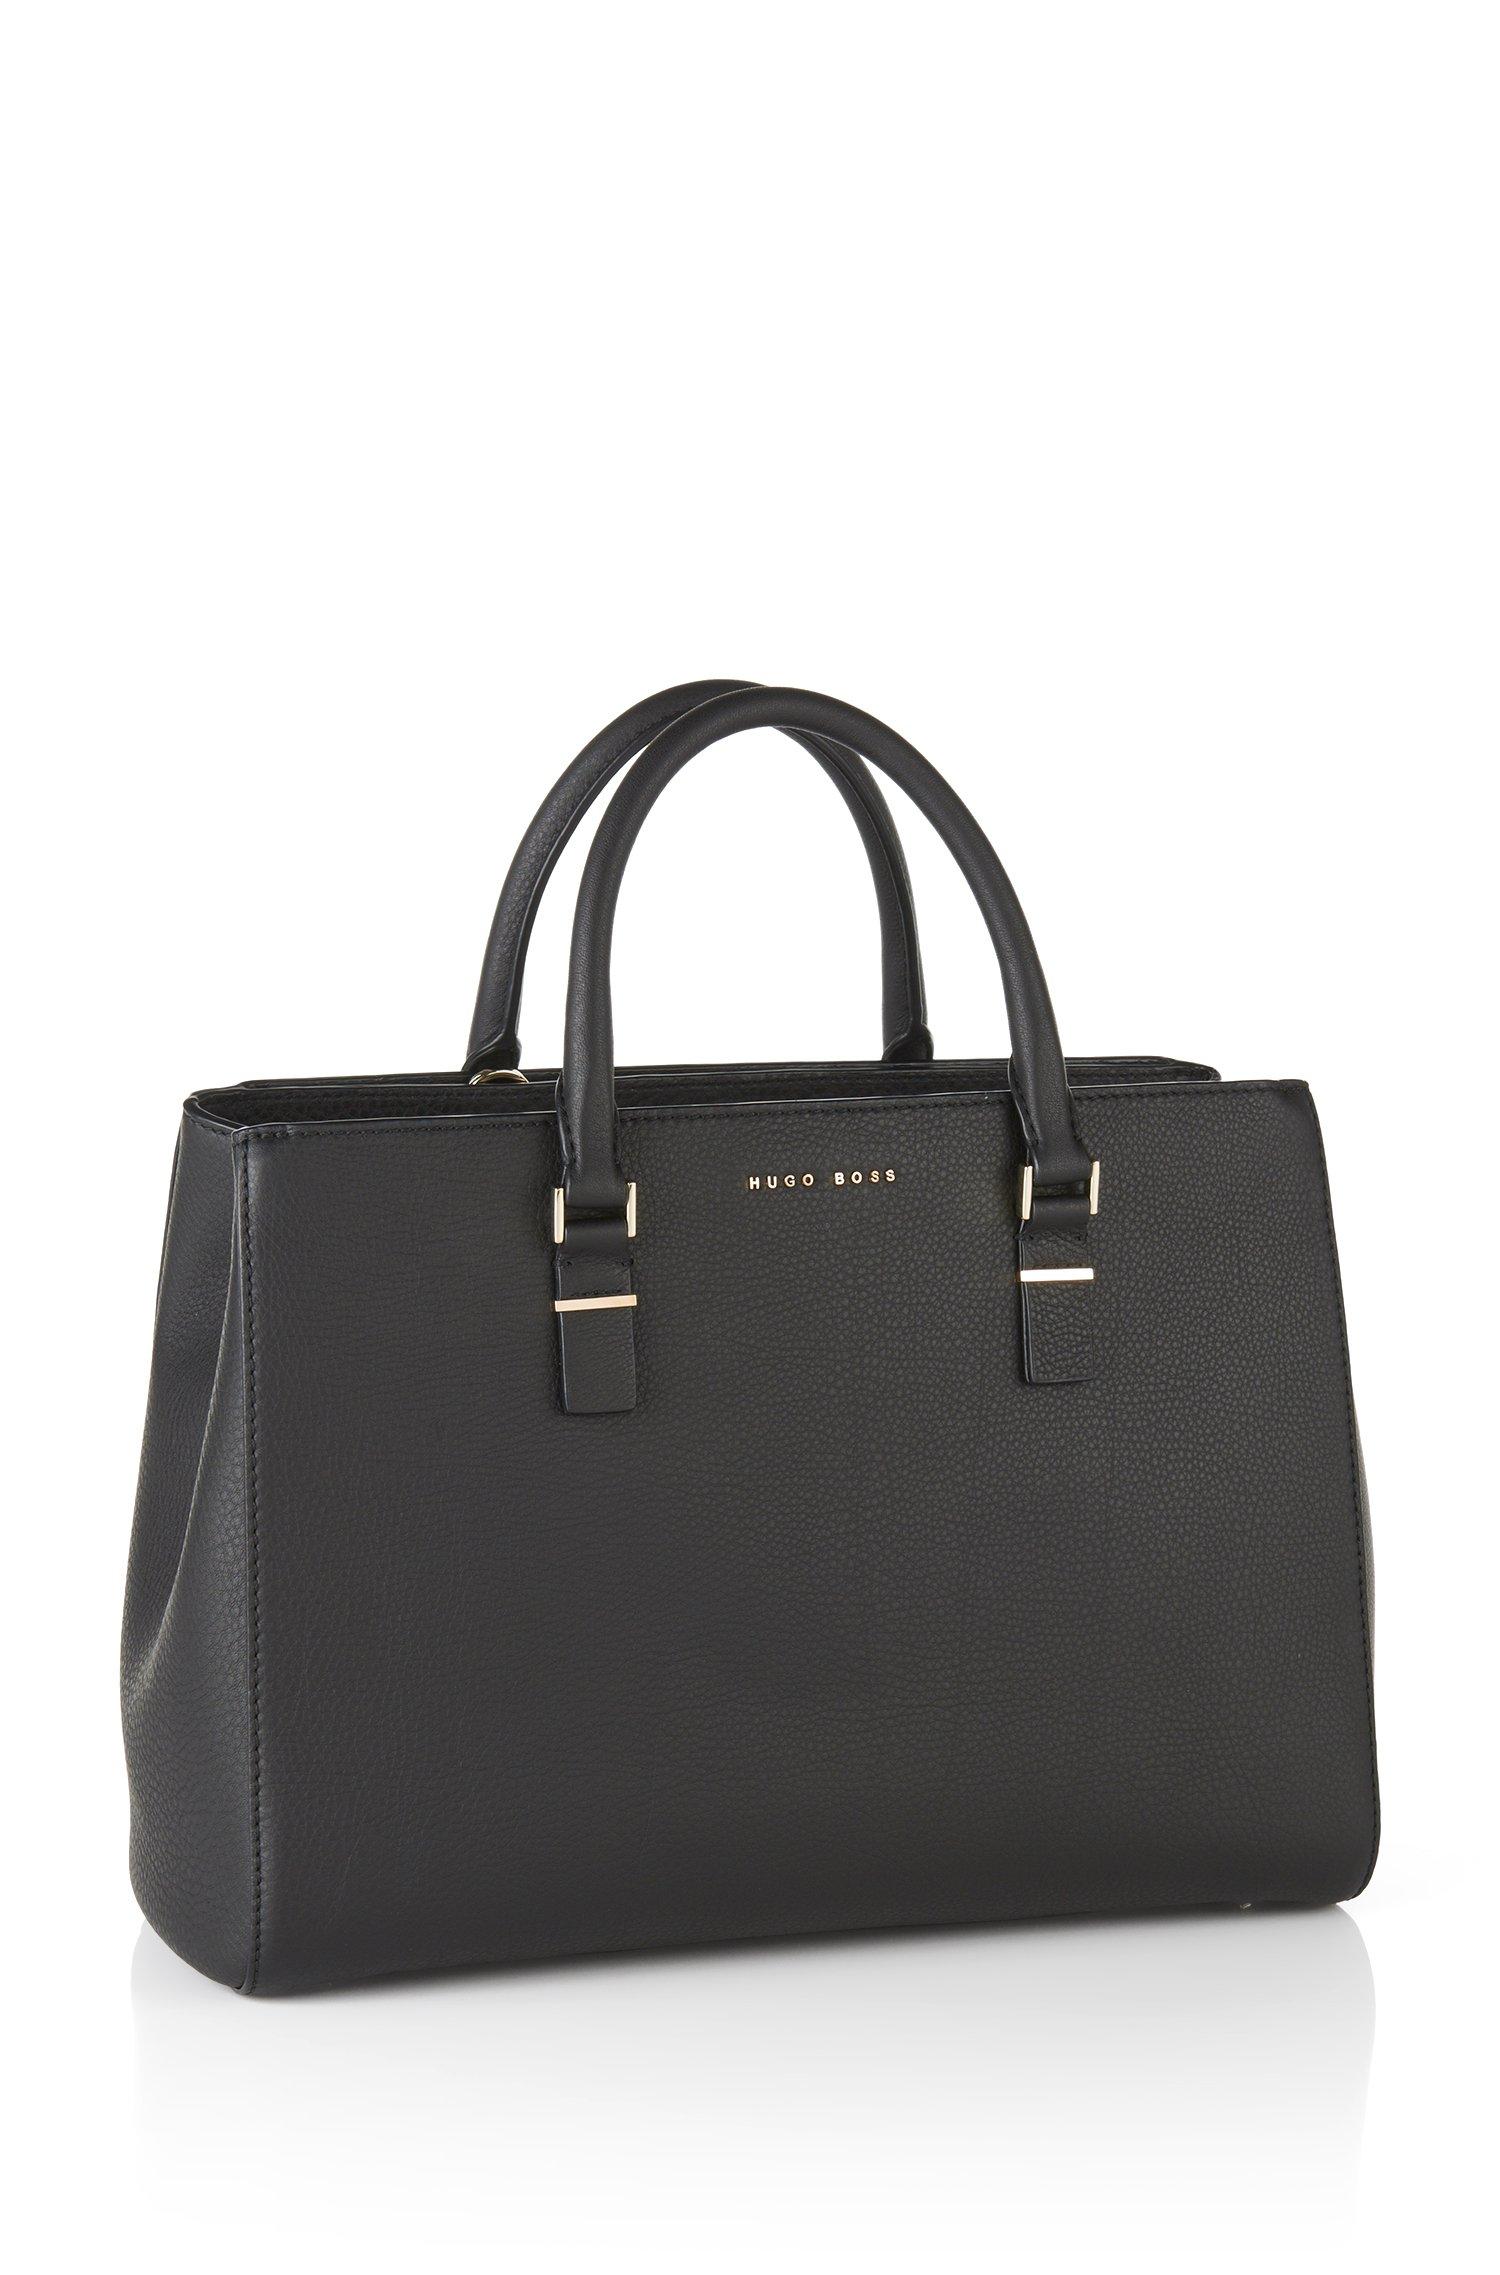 HUGO BOSS Luxury Staple T. M-C business bag VERKAUFT!